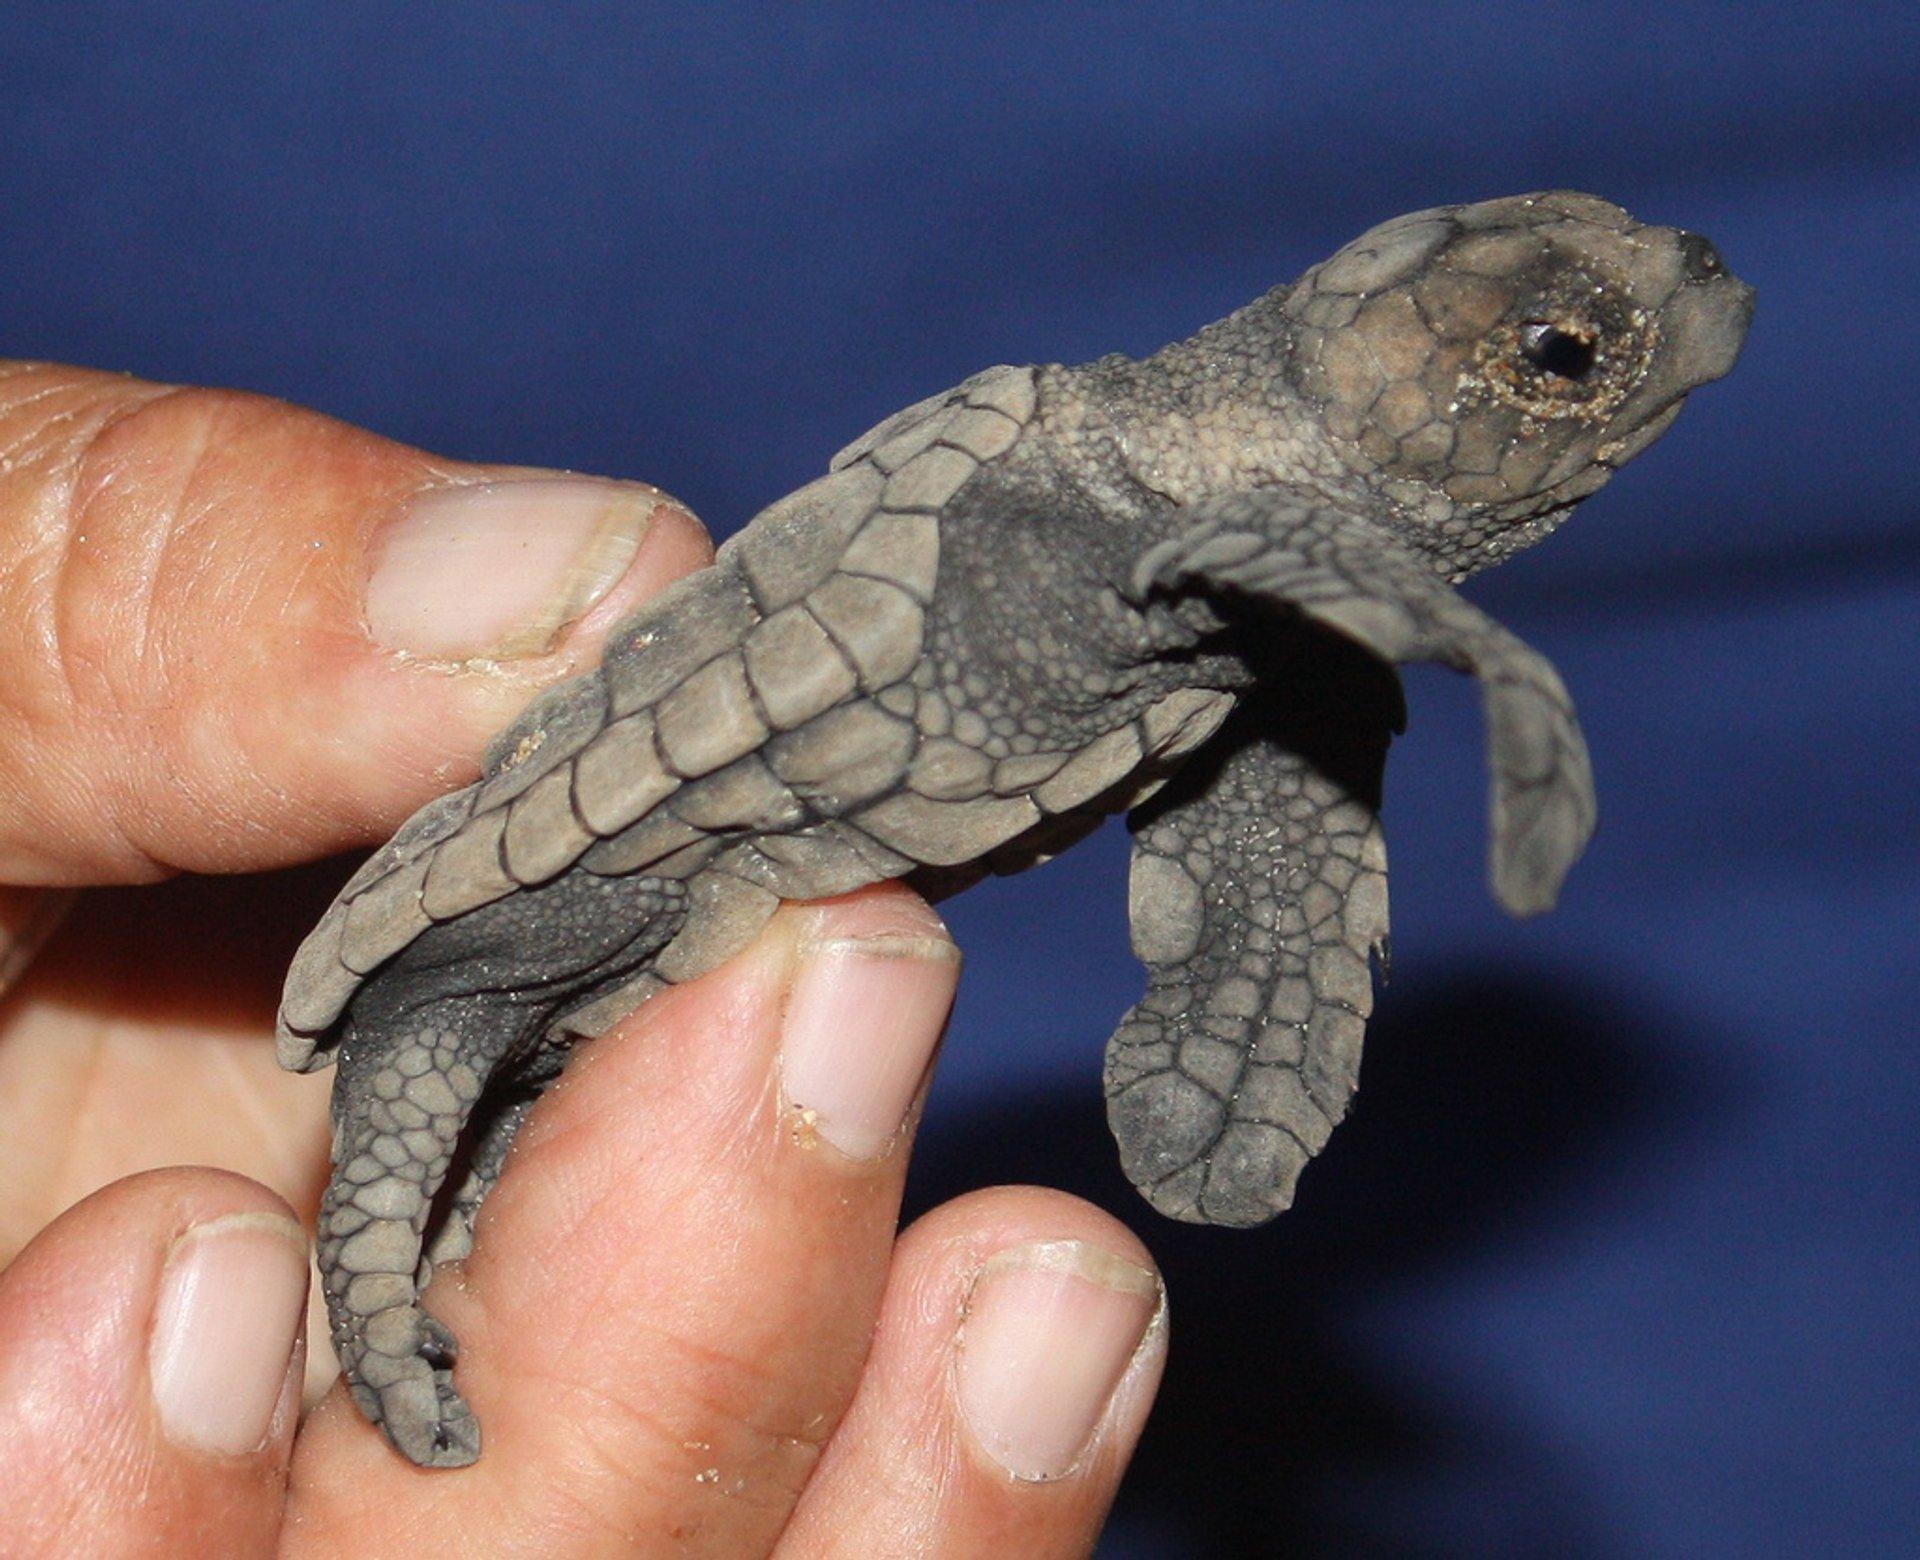 Hatching Turtles in Great Barrier Reef - Best Season 2020